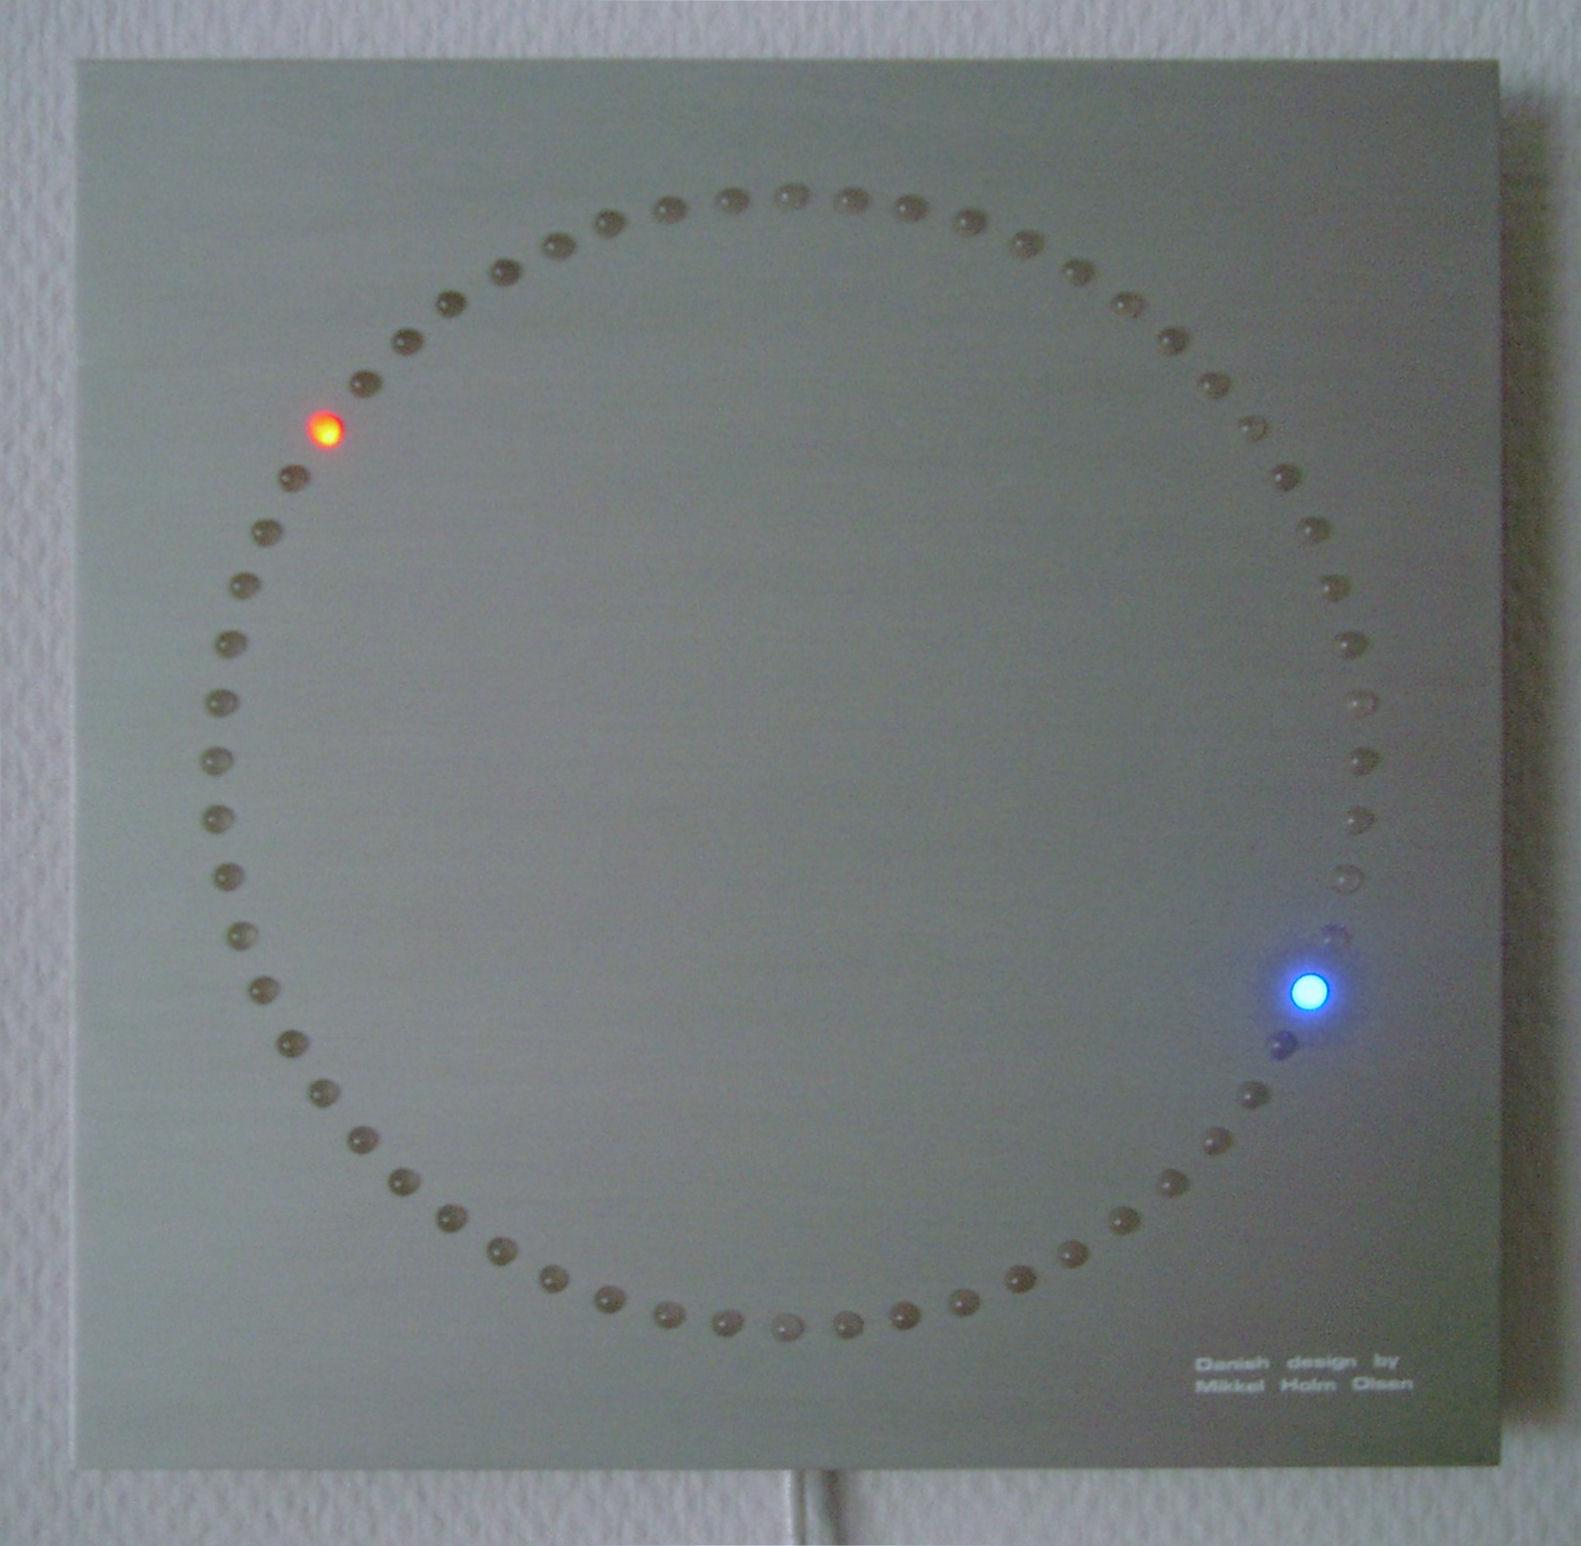 symlink dk the bob clock